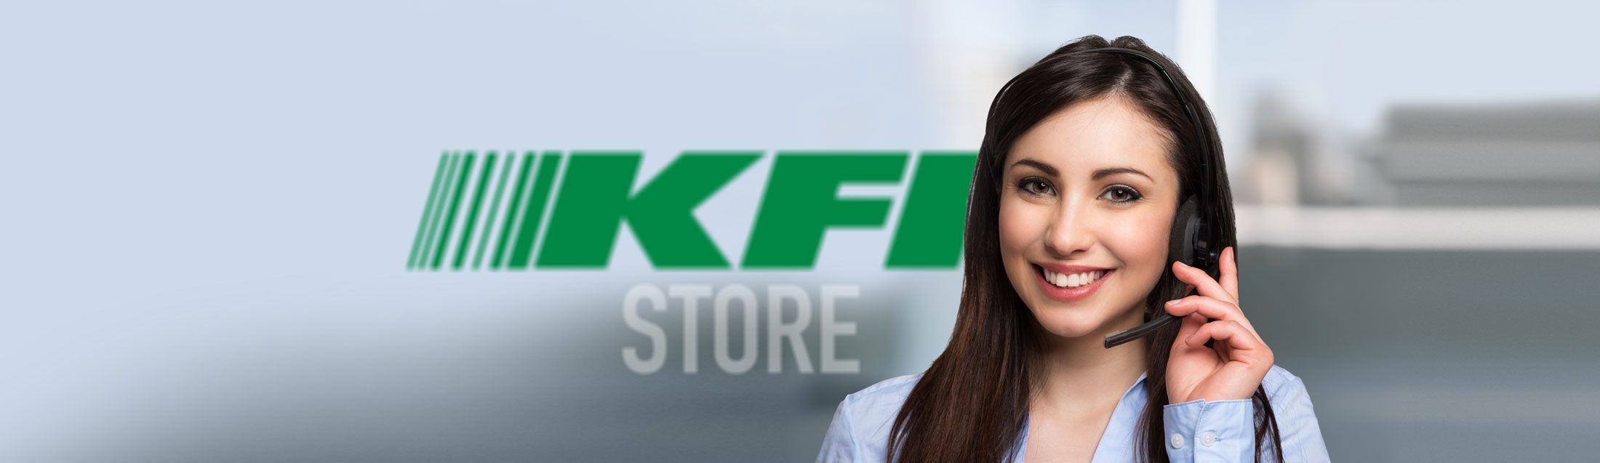 Store K.F.I